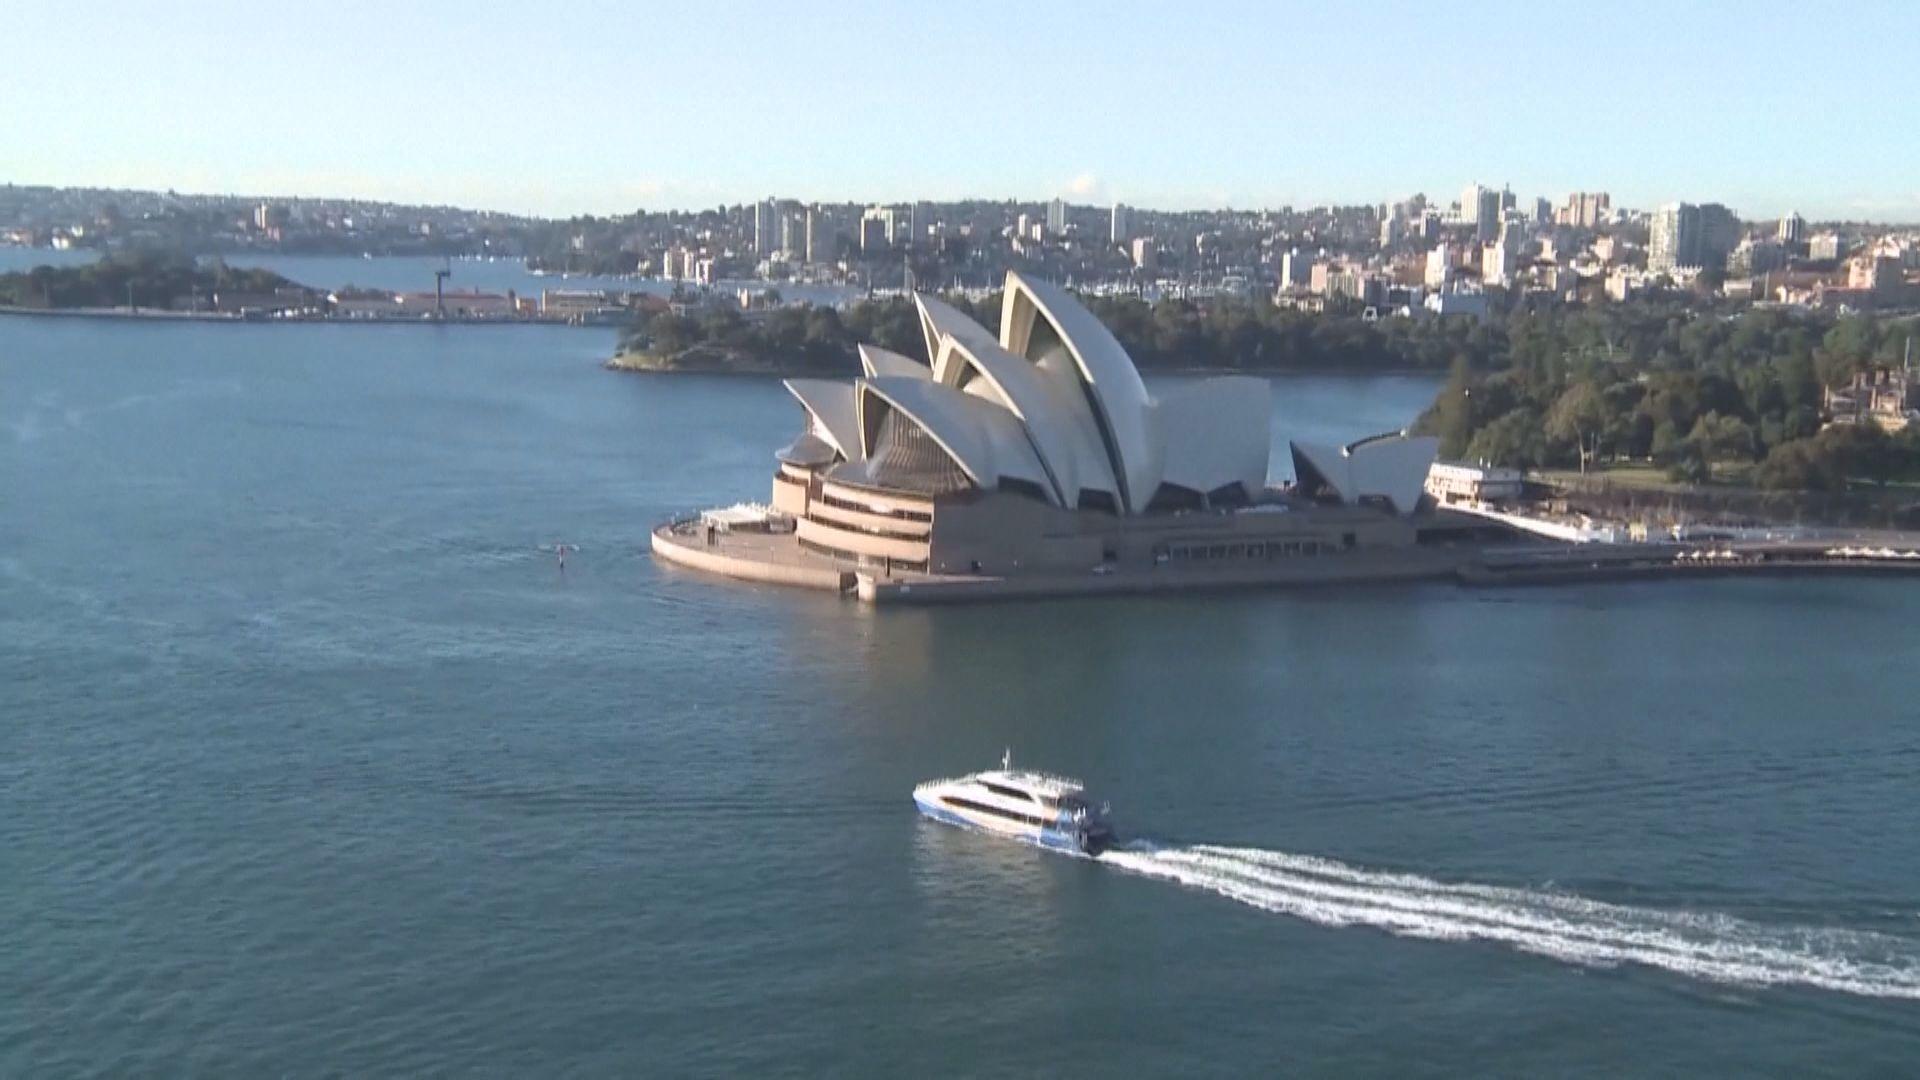 內媒指中國駐澳洲記者住所曾遭搜查 外交部指曾多次向澳方提嚴正交涉